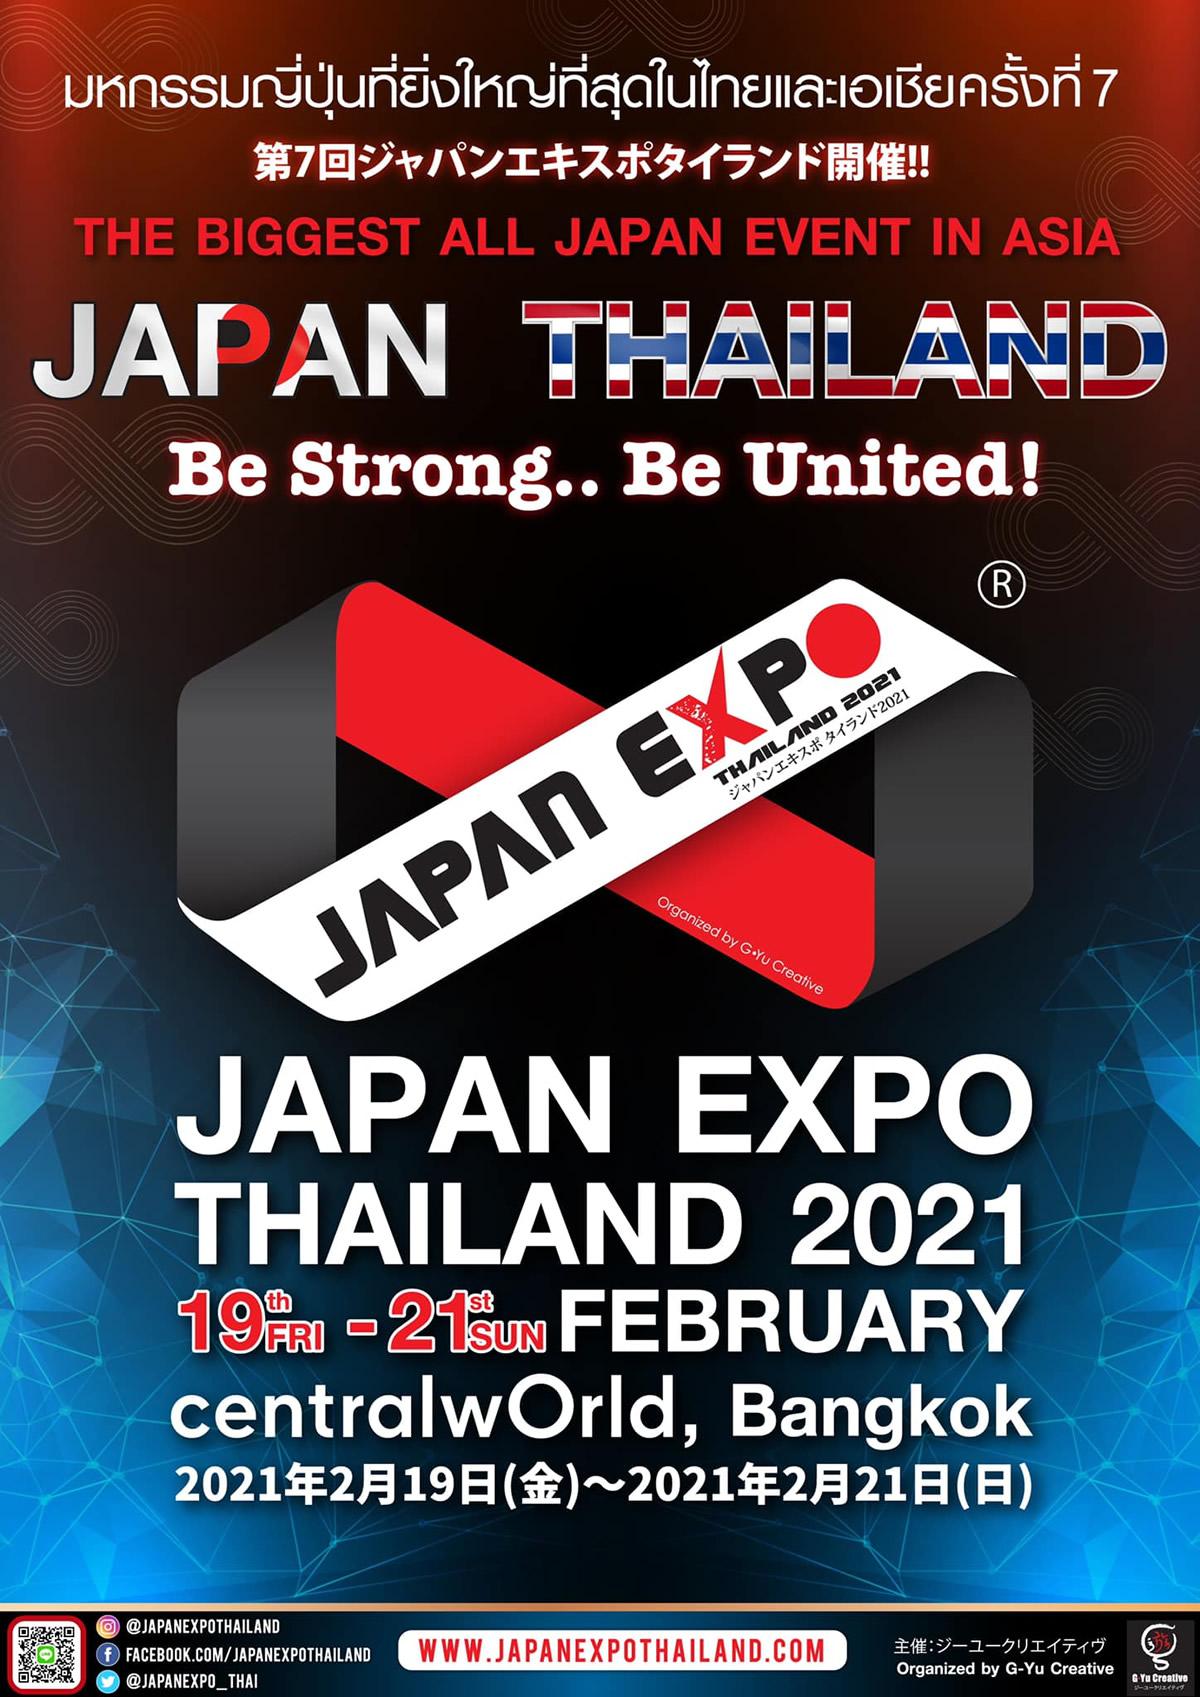 「JAPAN EXPO THAILAND 2021」の開催決定!バンコク・セントラルワールドで